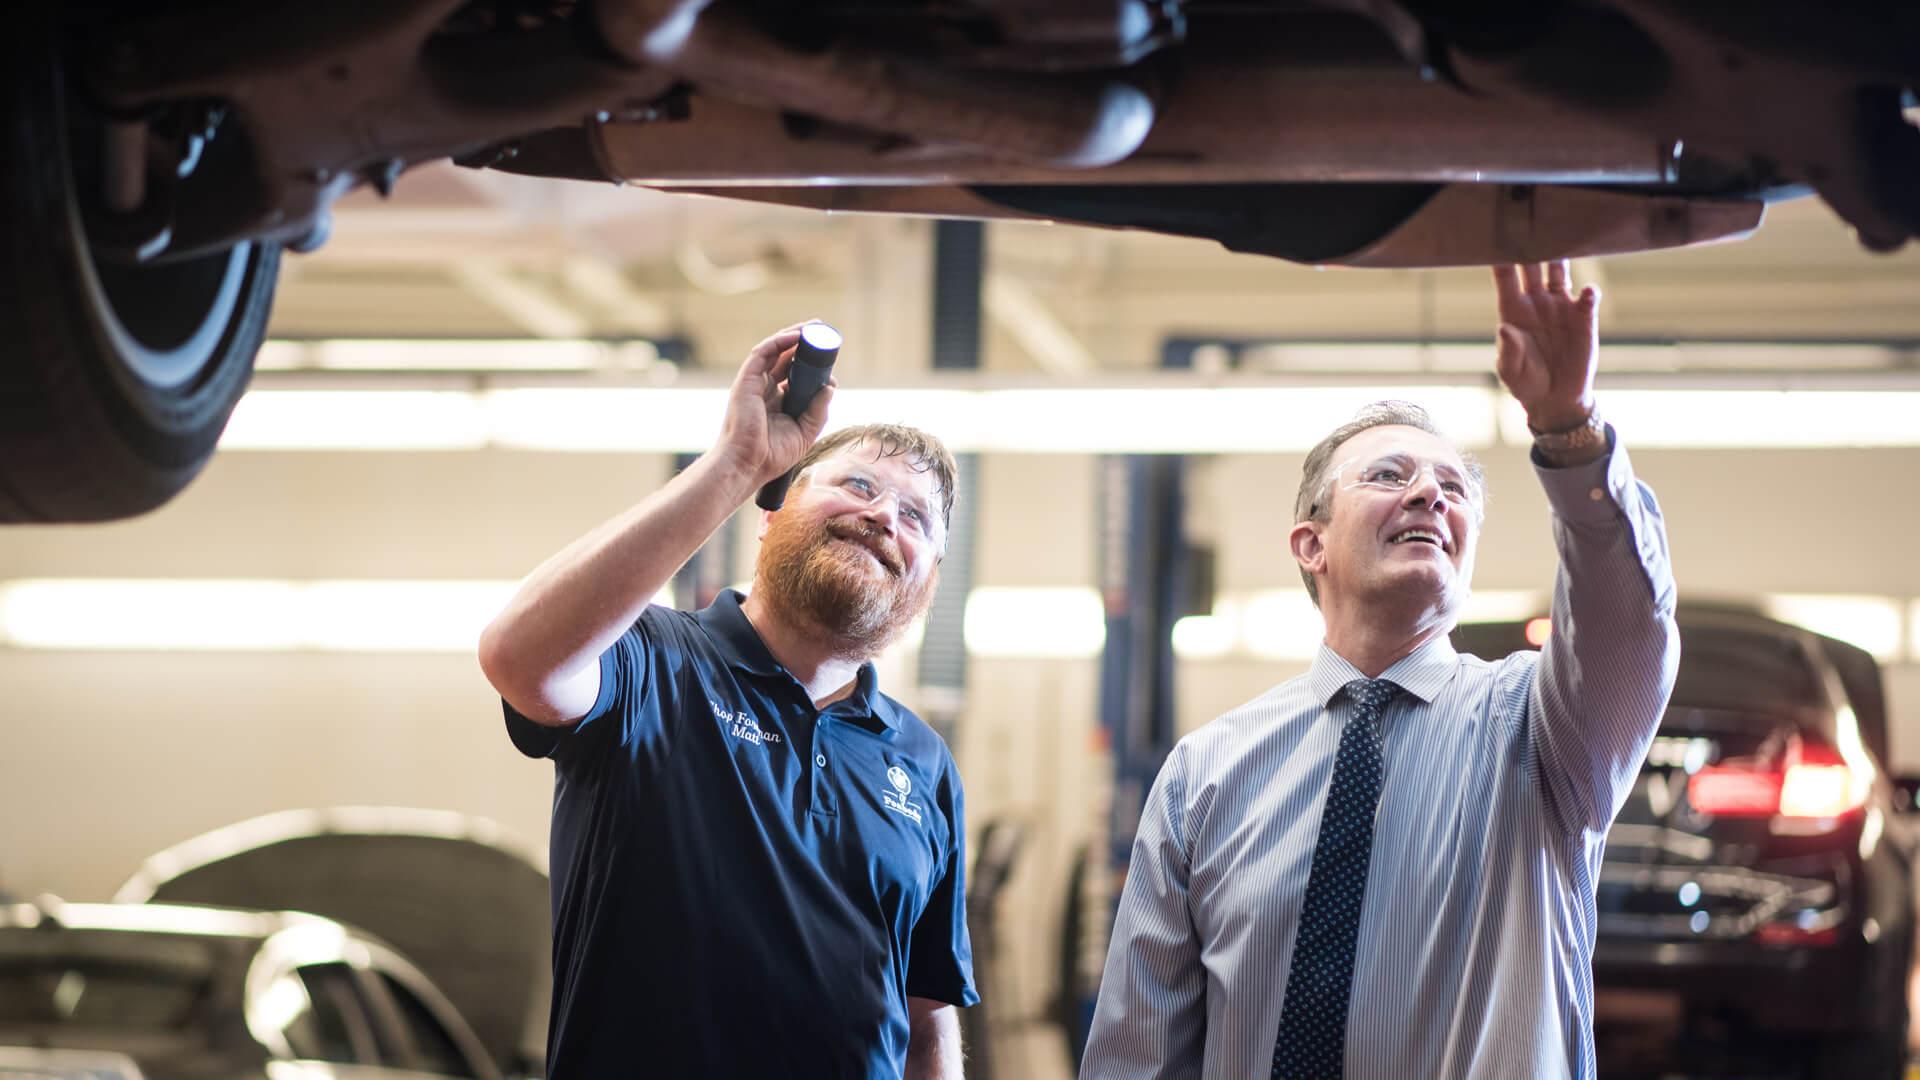 Mechanics Inspecting Under a Car